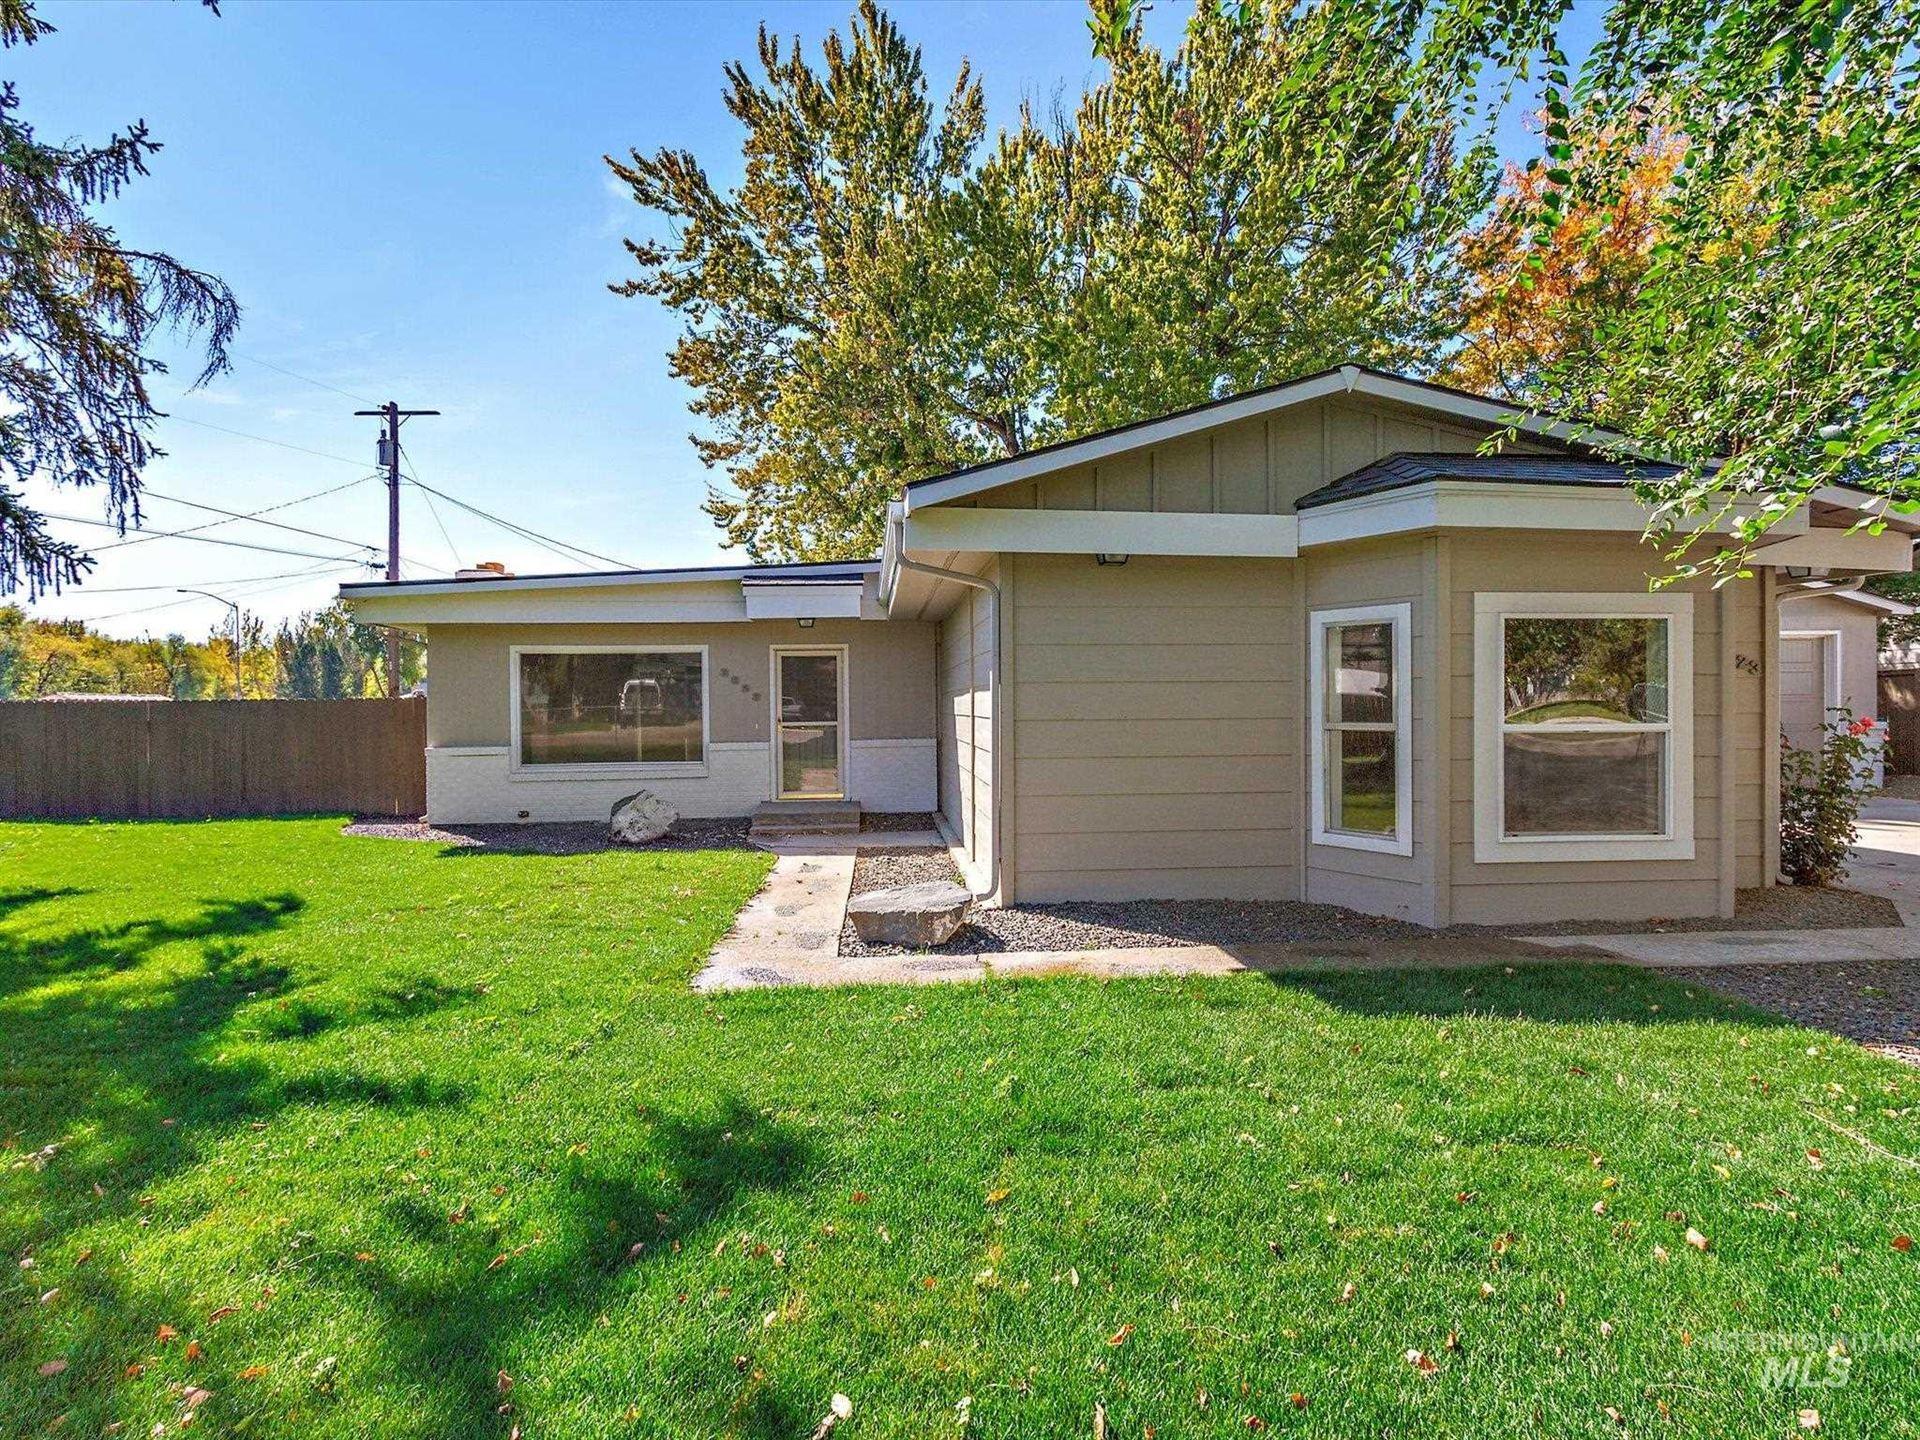 3823 W Glendale St, Boise, ID 83703 - MLS#: 98820939